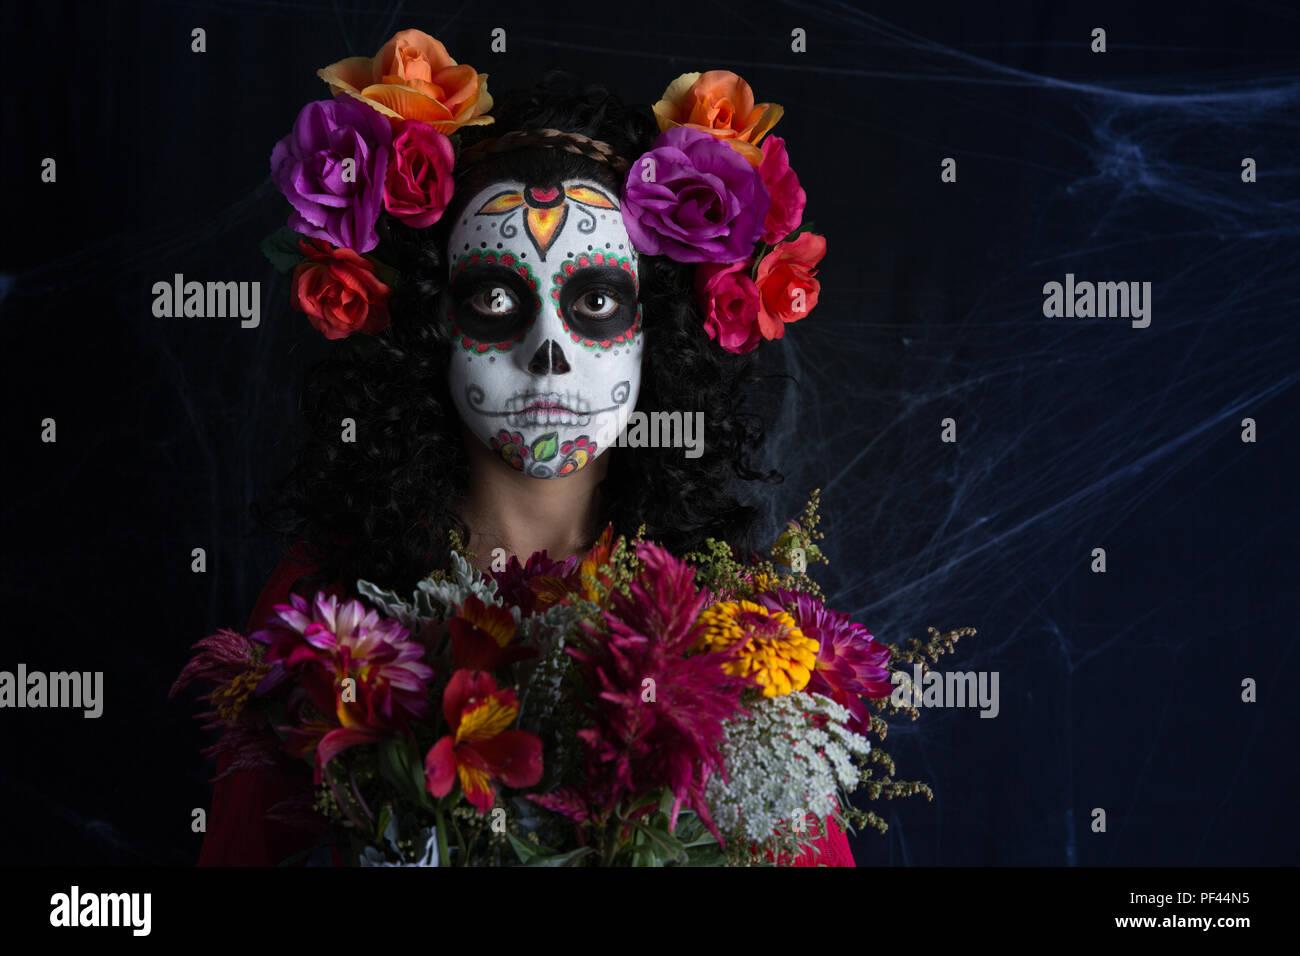 Closeup retrato de Calavera Catrina. Niña con maquillaje de calaveras de azúcar. Dia de los muertos. El día de los muertos. Halloween. Imagen De Stock